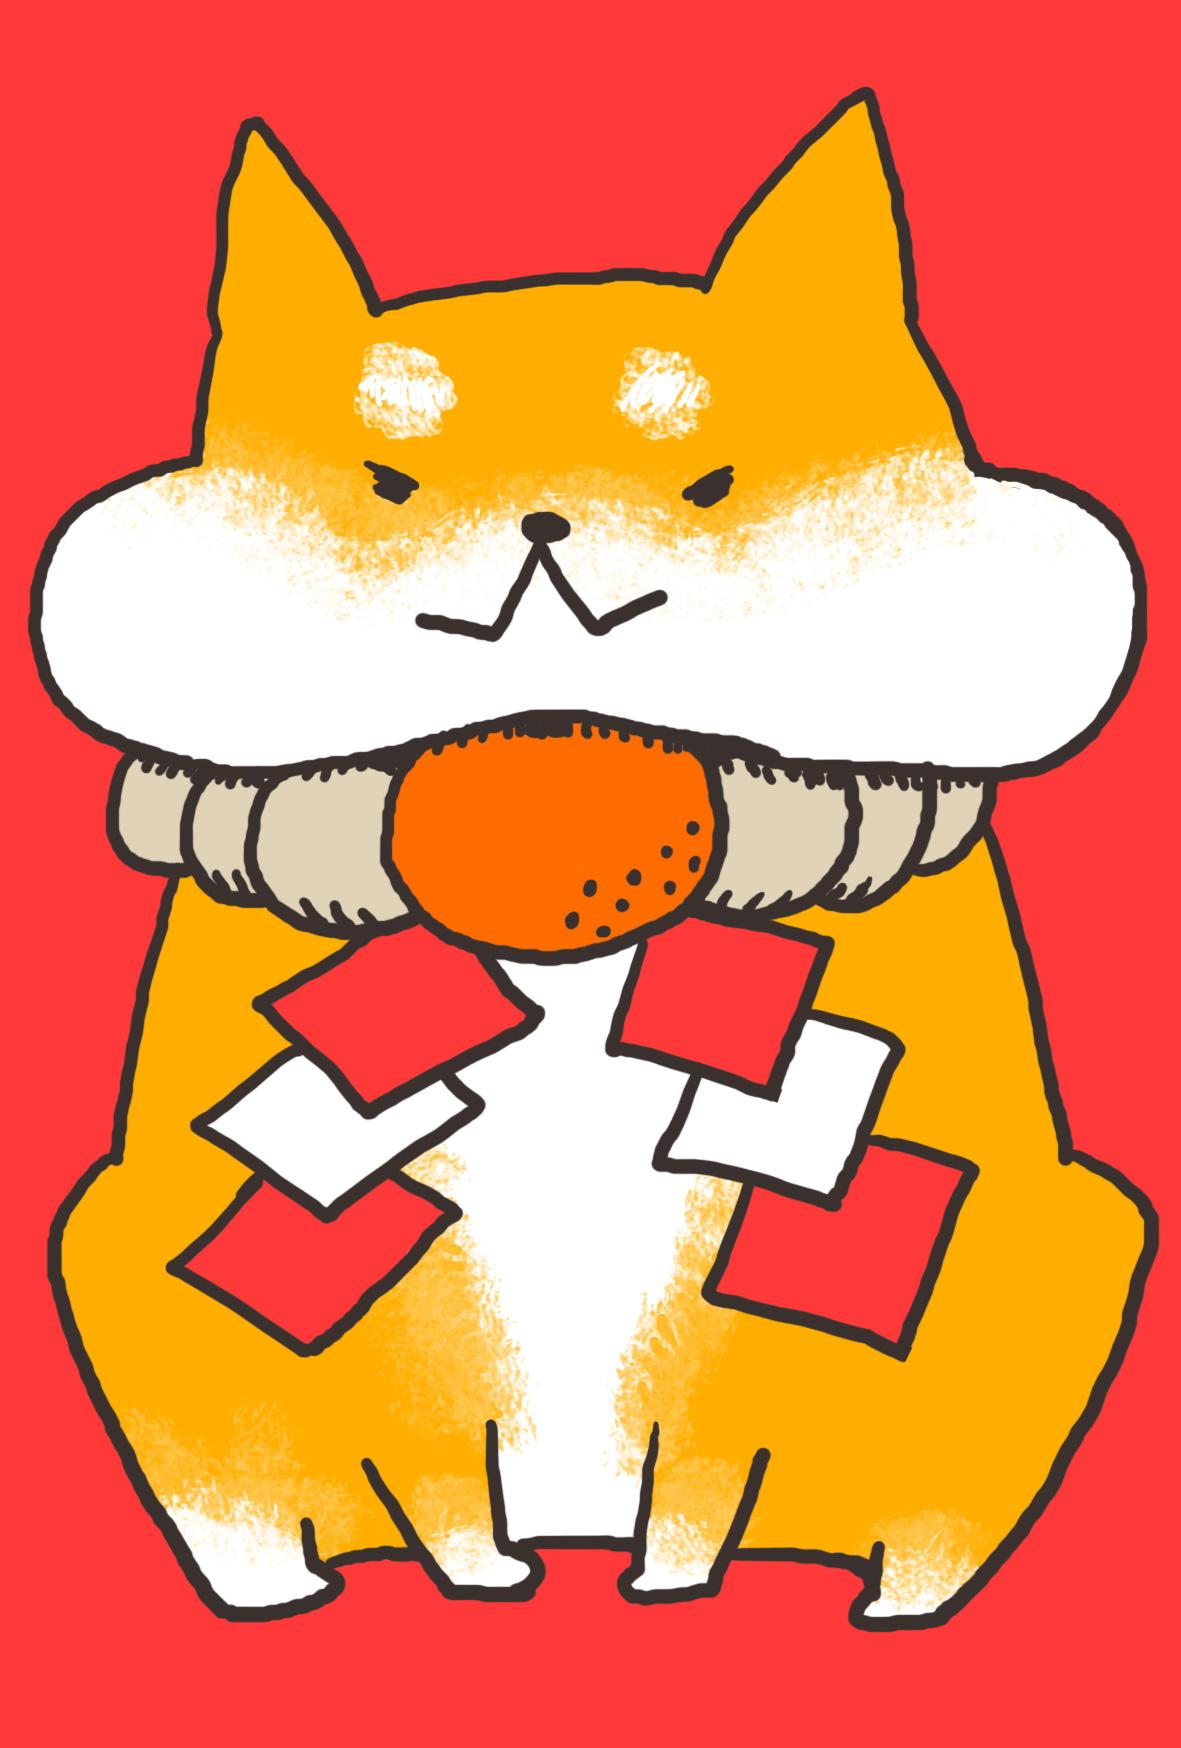 戌年】可愛い柴犬のしめ縄首輪年賀状【赤色背景】